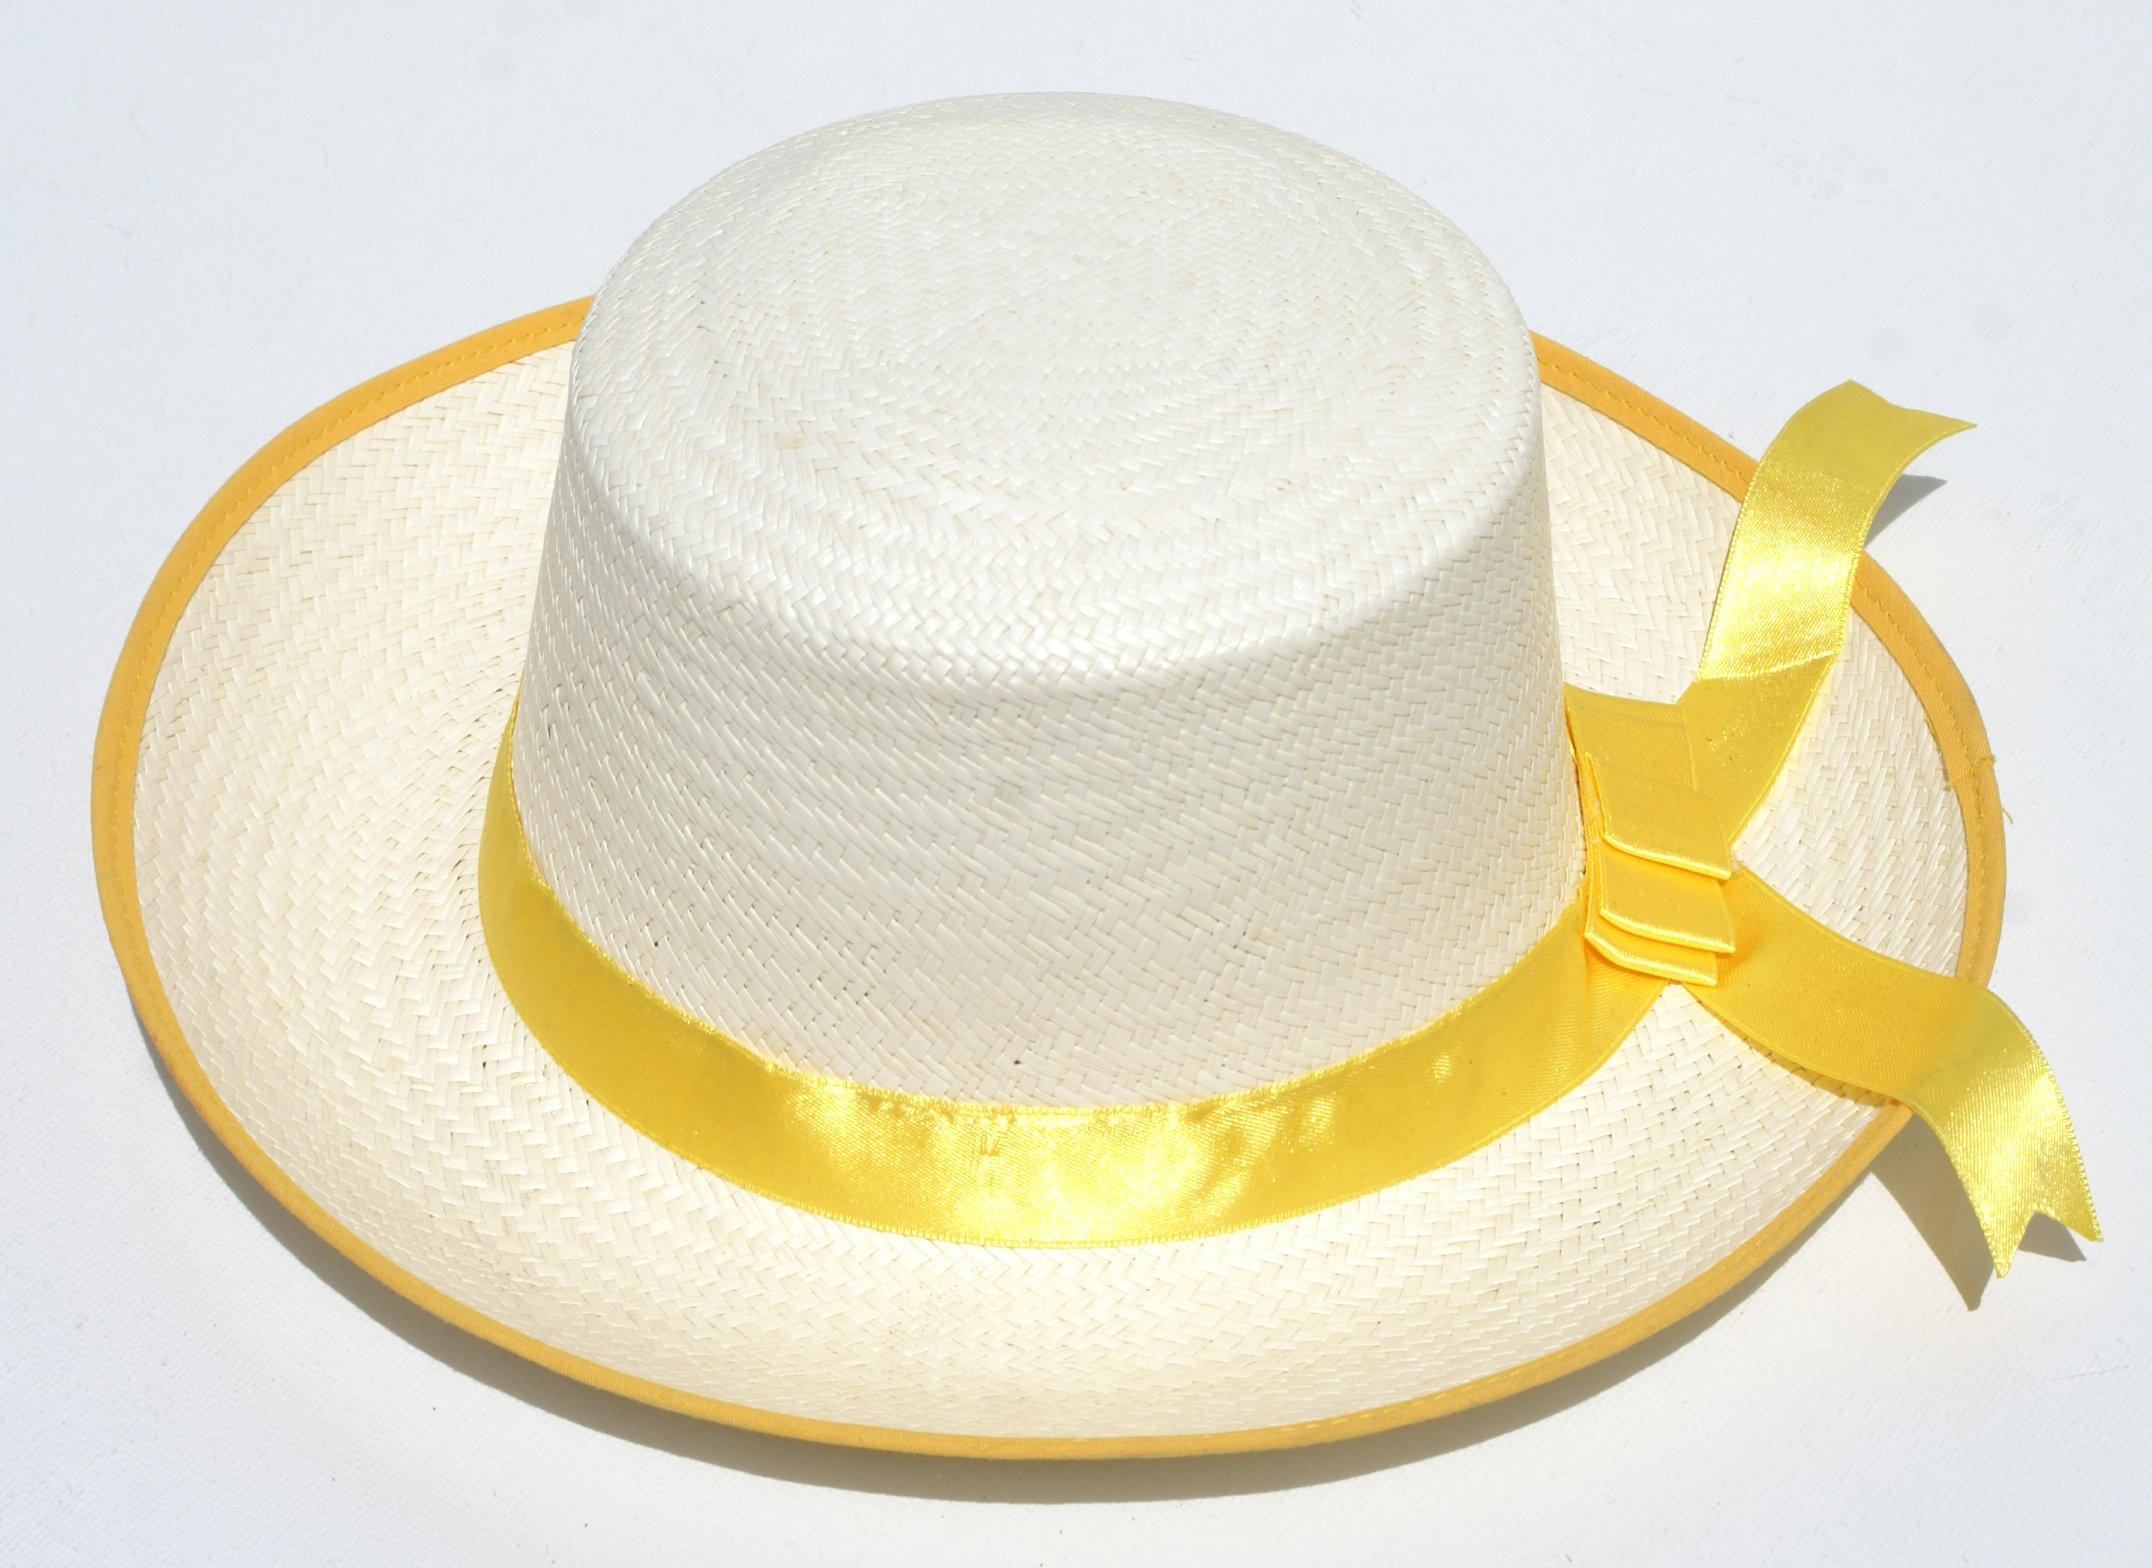 56a39a4c0e112 Sombrero de lineas curvas cafe oscuro